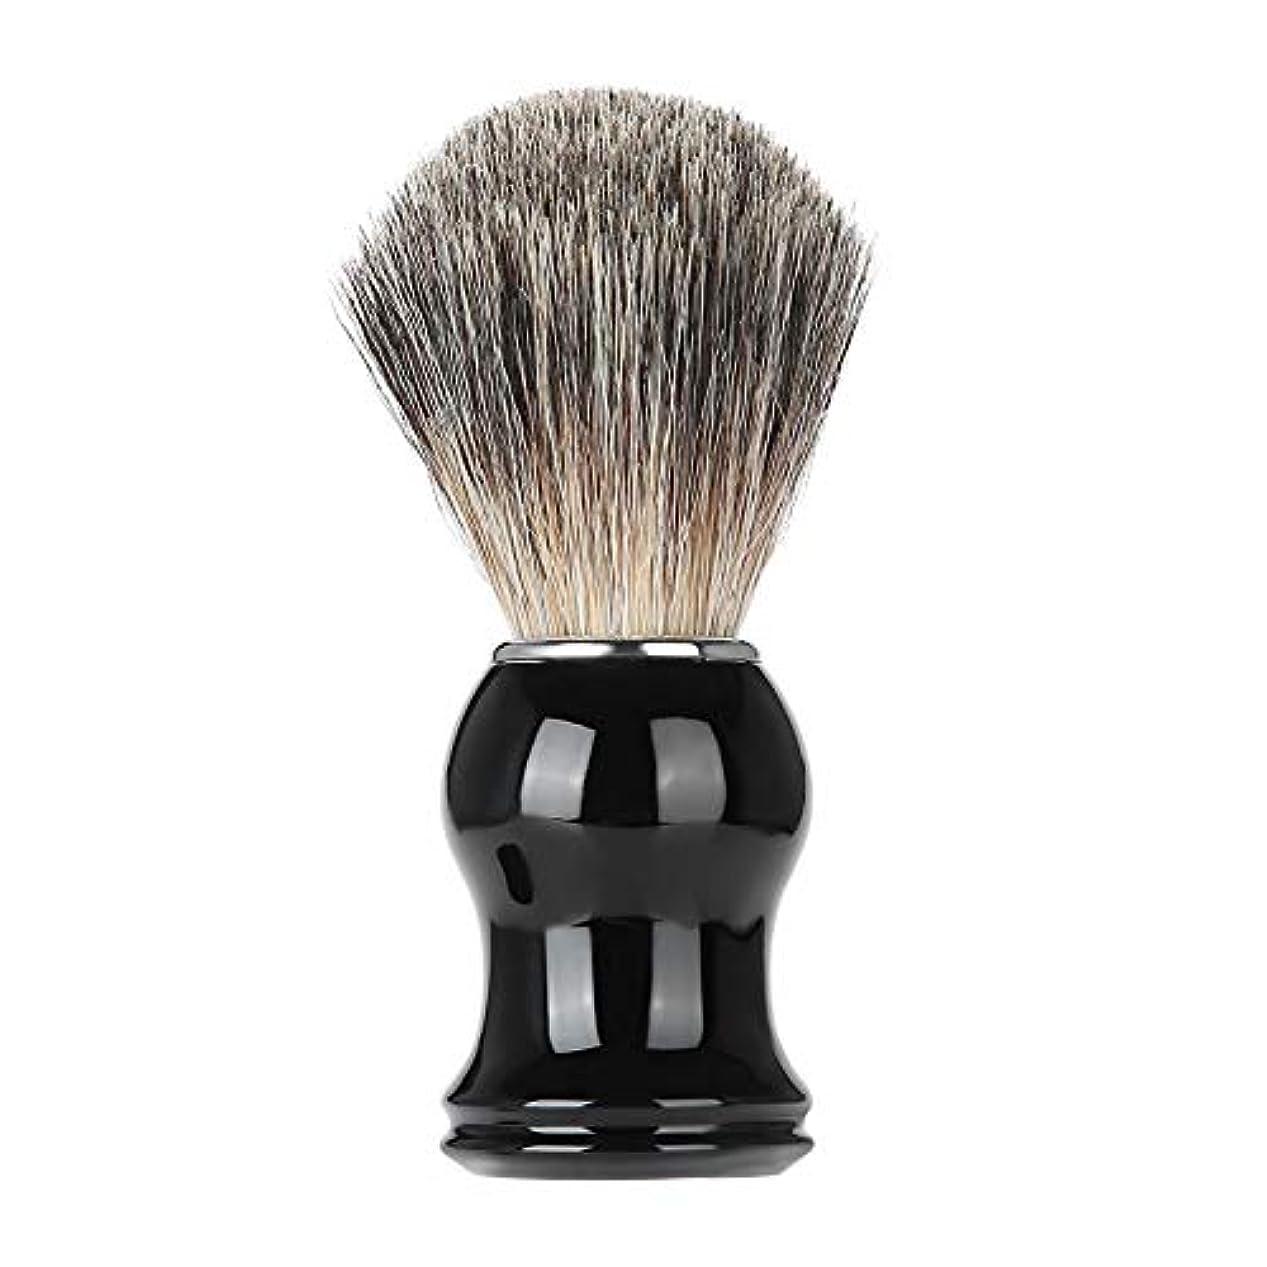 提唱するベッツィトロットウッド快いNitrip シェービングブラシ ひげブラシ ひげケア アナグマ毛 理容 洗顔 髭剃り 泡立ち シェービング用アクセサリー 男性用 高級